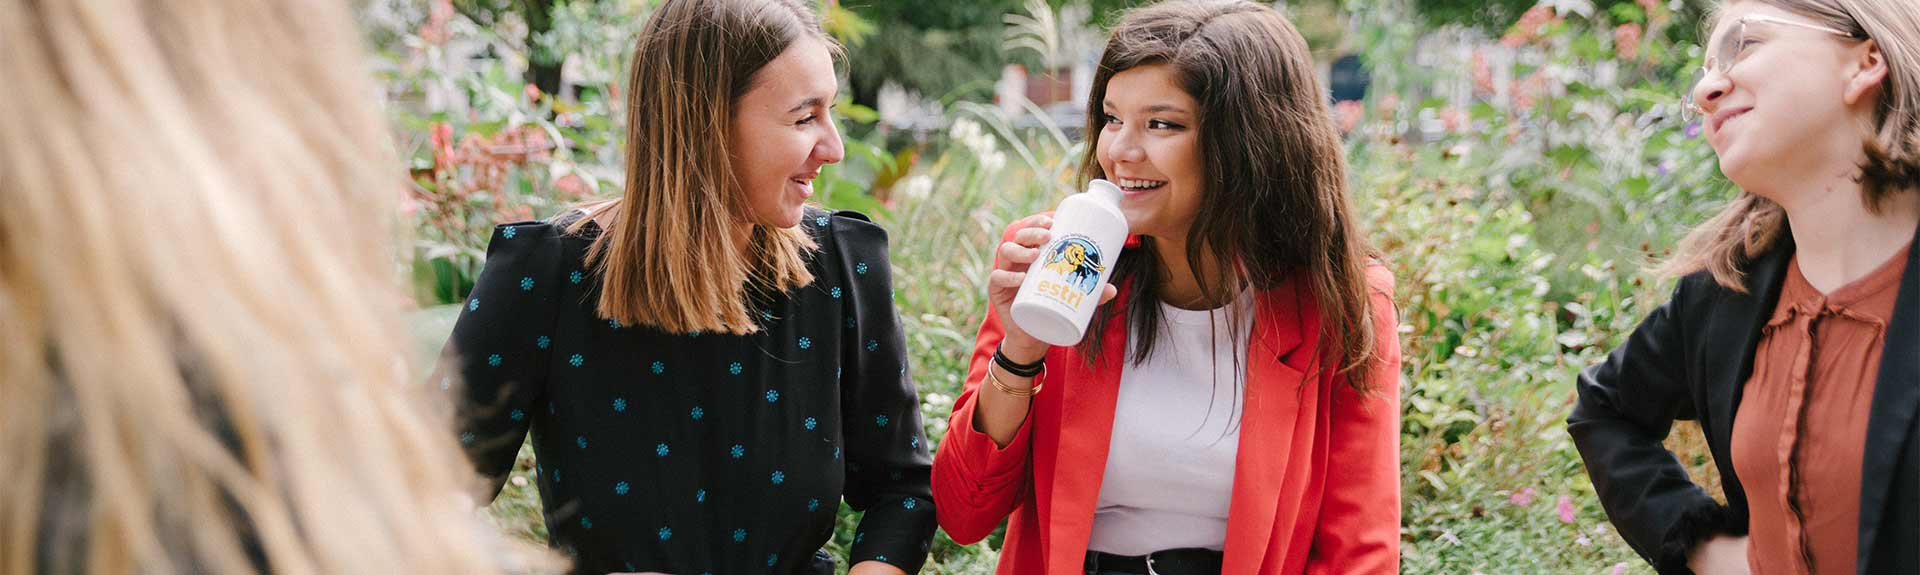 header - étudiantes en pause dans un parc souriantes